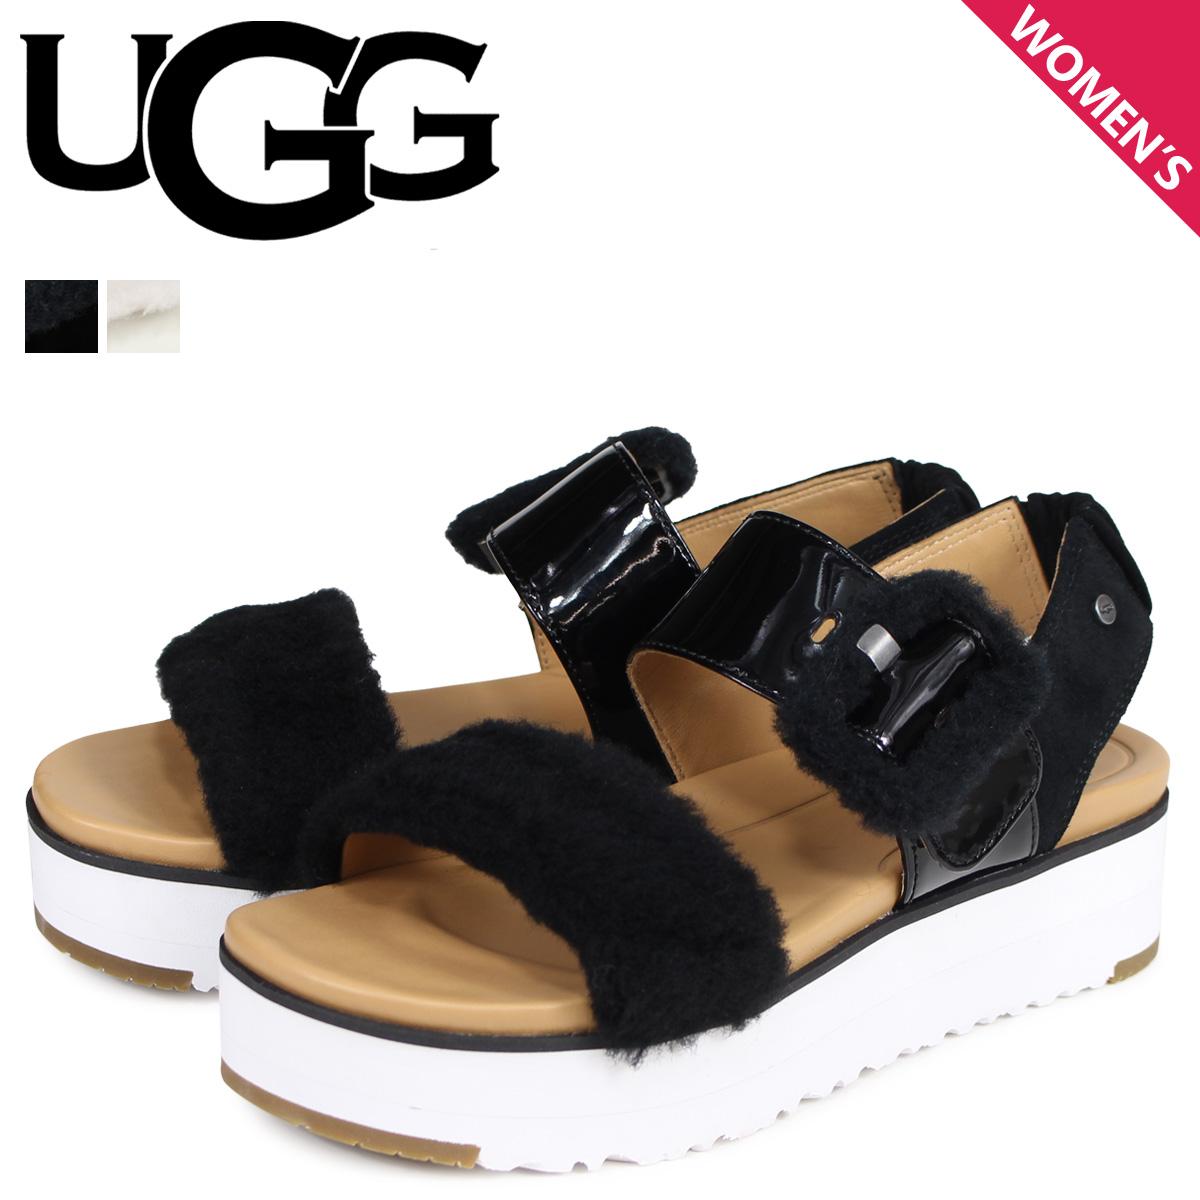 【お買い物マラソンSALE】 UGG アグ サンダル ストラップサンダル フラッフチェラ レディース WOMENS FLUFFCHELLA SANDAL ブラック ホワイト 黒 白 1099815